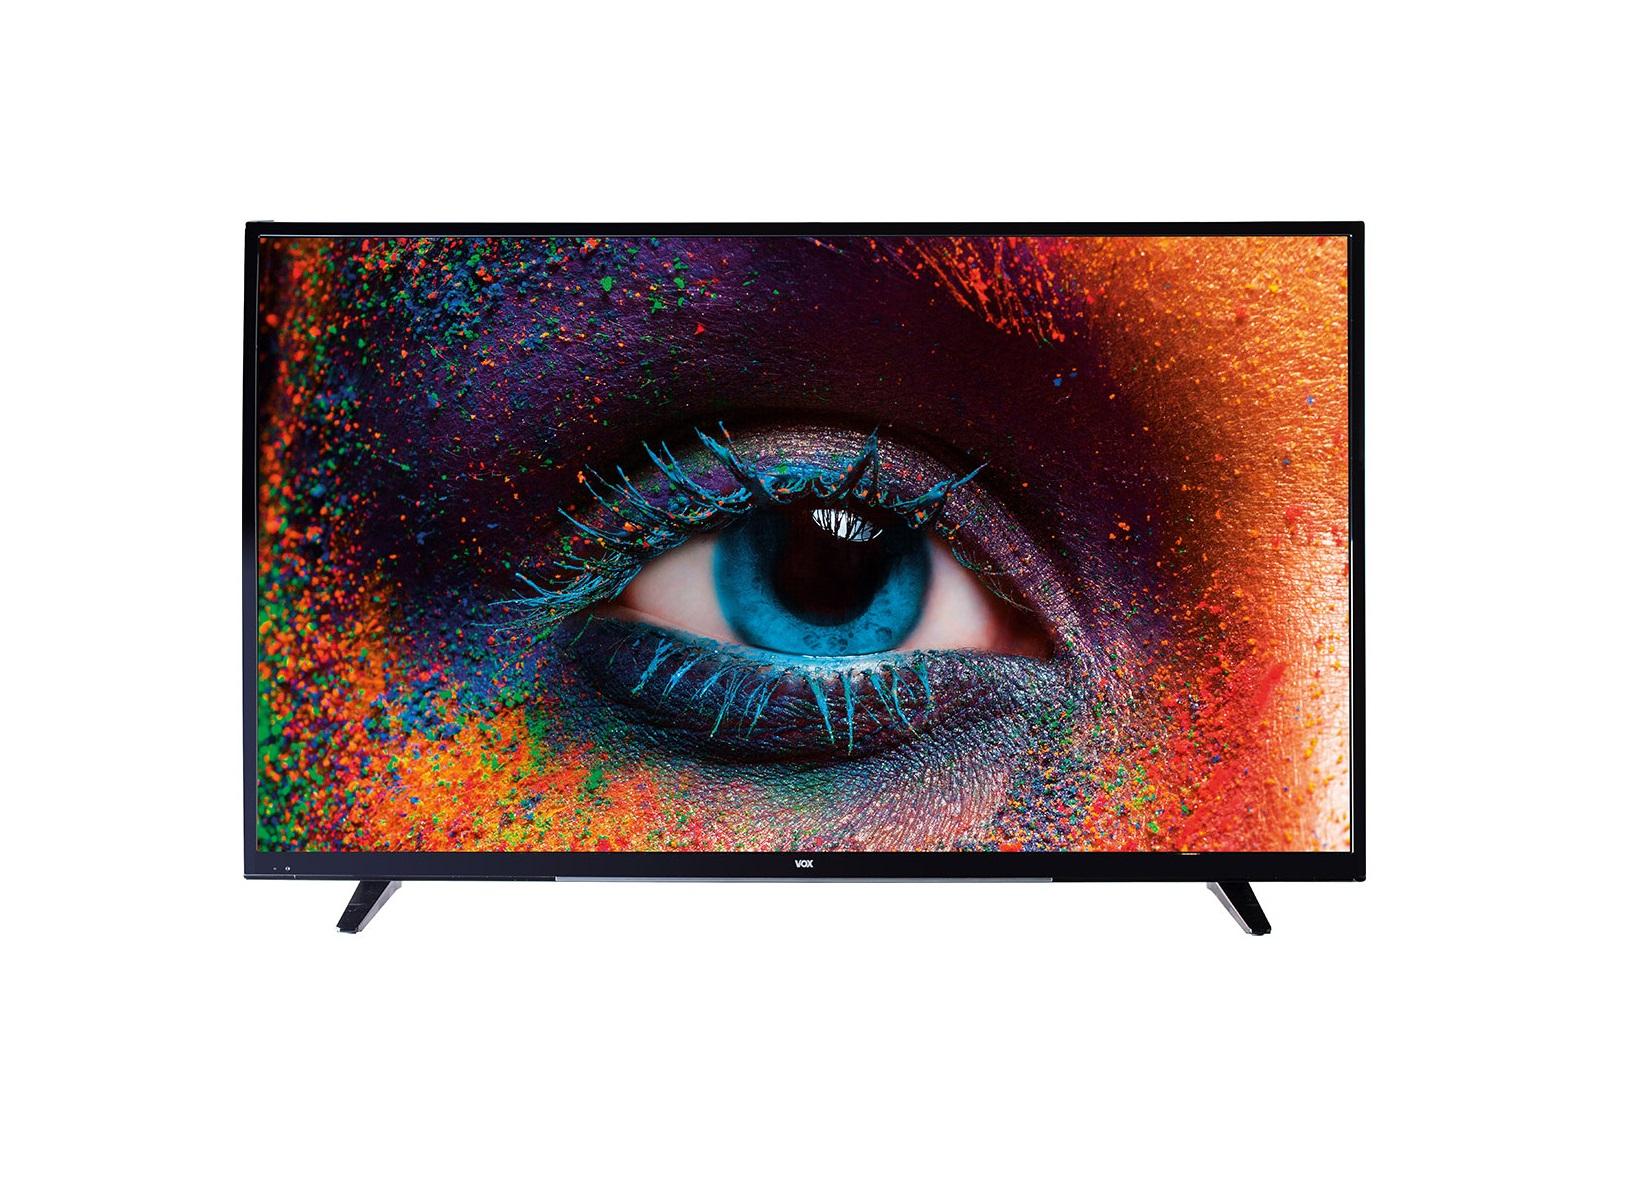 Vox Smart LED TV 50DSW293V